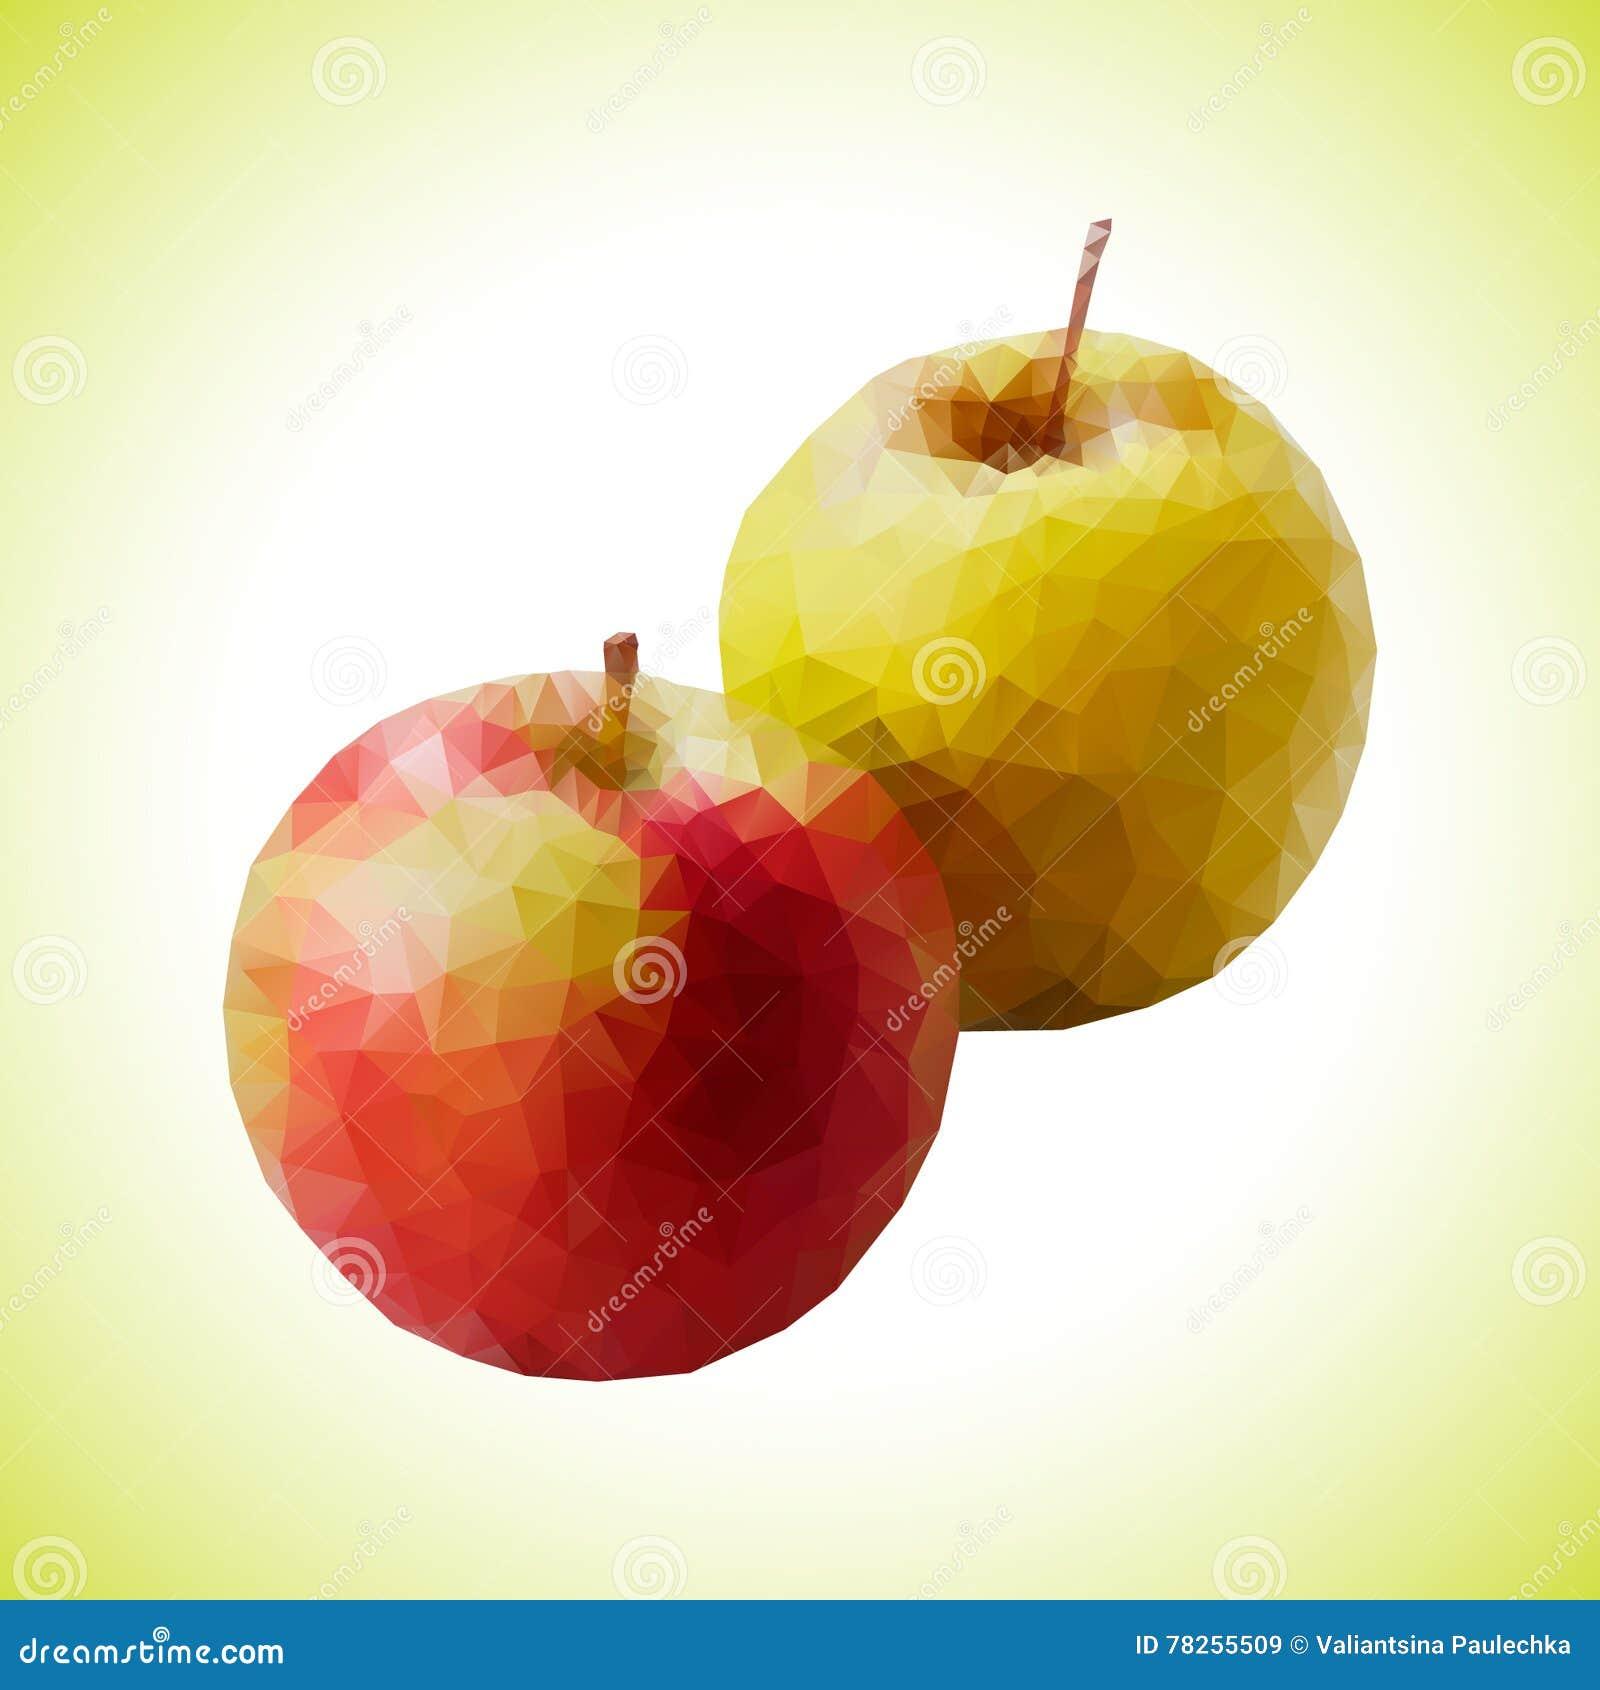 Καρωτιδικό μήλο δύο